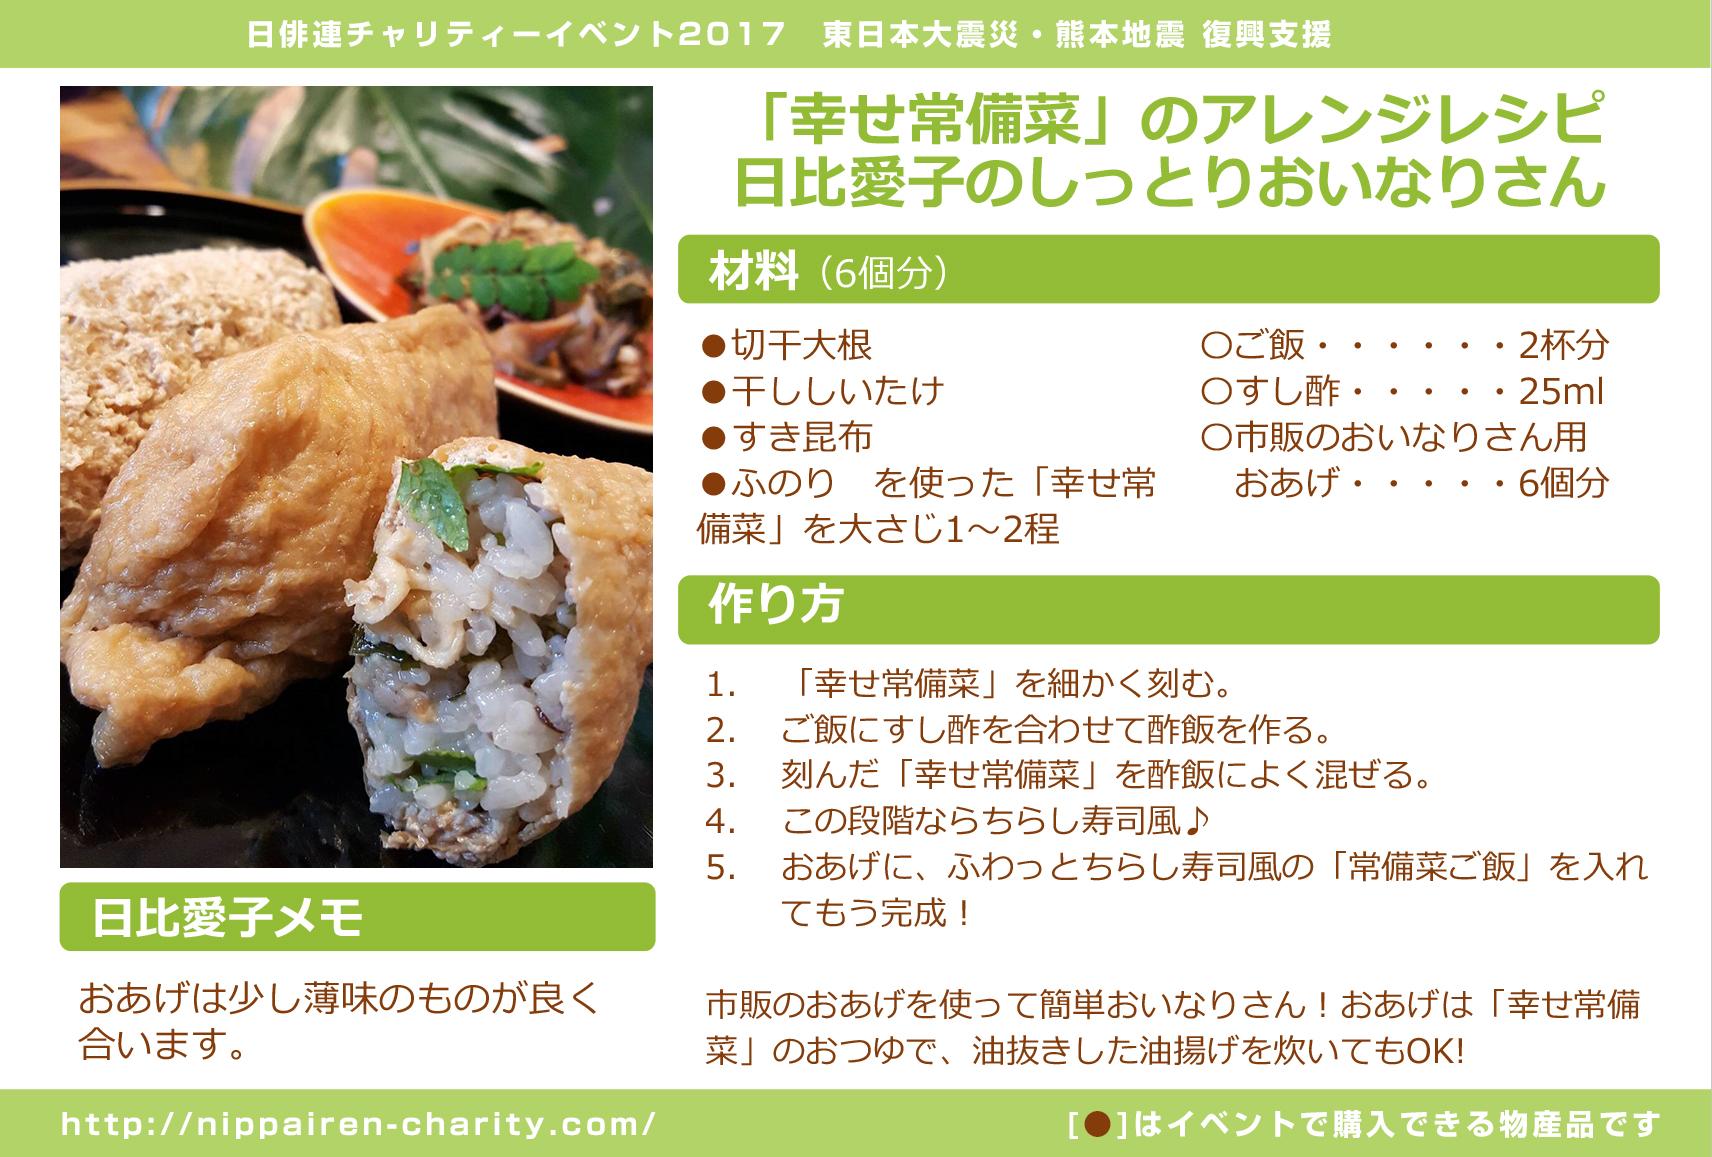 「幸せ常備菜」のアレンジレシピ 日比愛子のしっとりおいなりさん